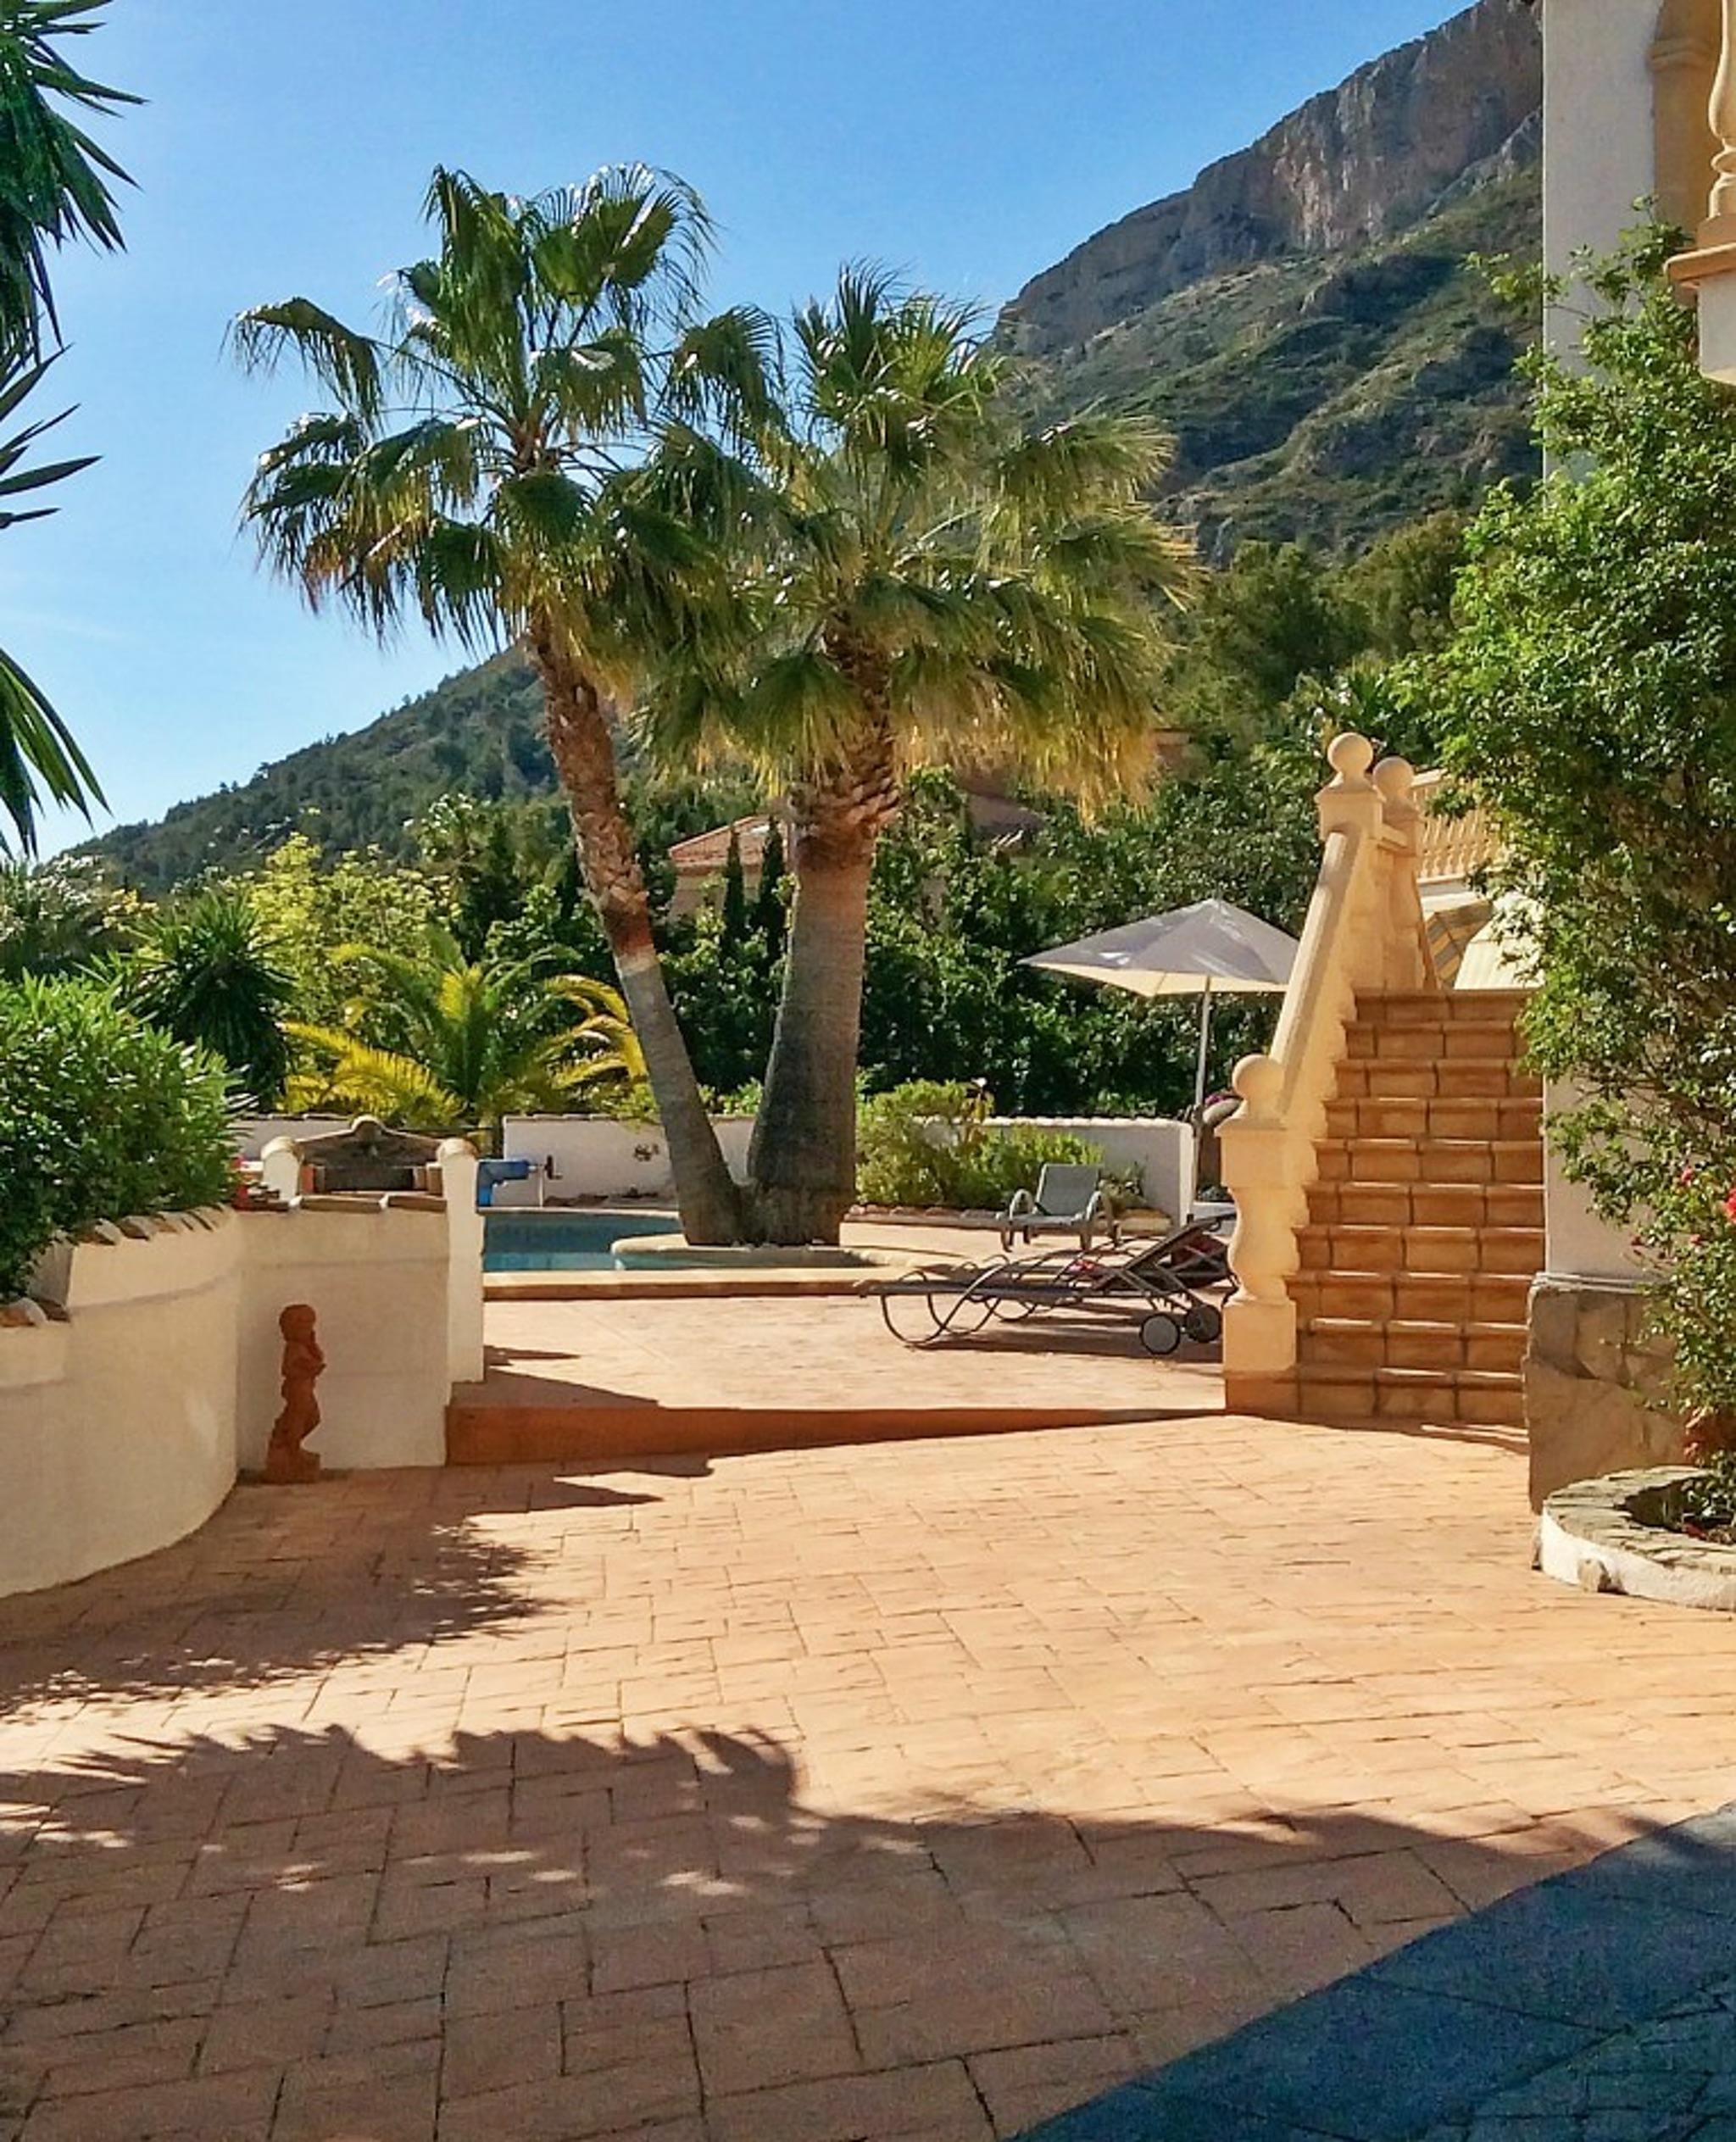 Ferienhaus Geräumige Villa mit fünf Schlafzimmer in Javea mit möblierter Terrasse, Pool und toller Au (2201168), Jávea, Costa Blanca, Valencia, Spanien, Bild 15